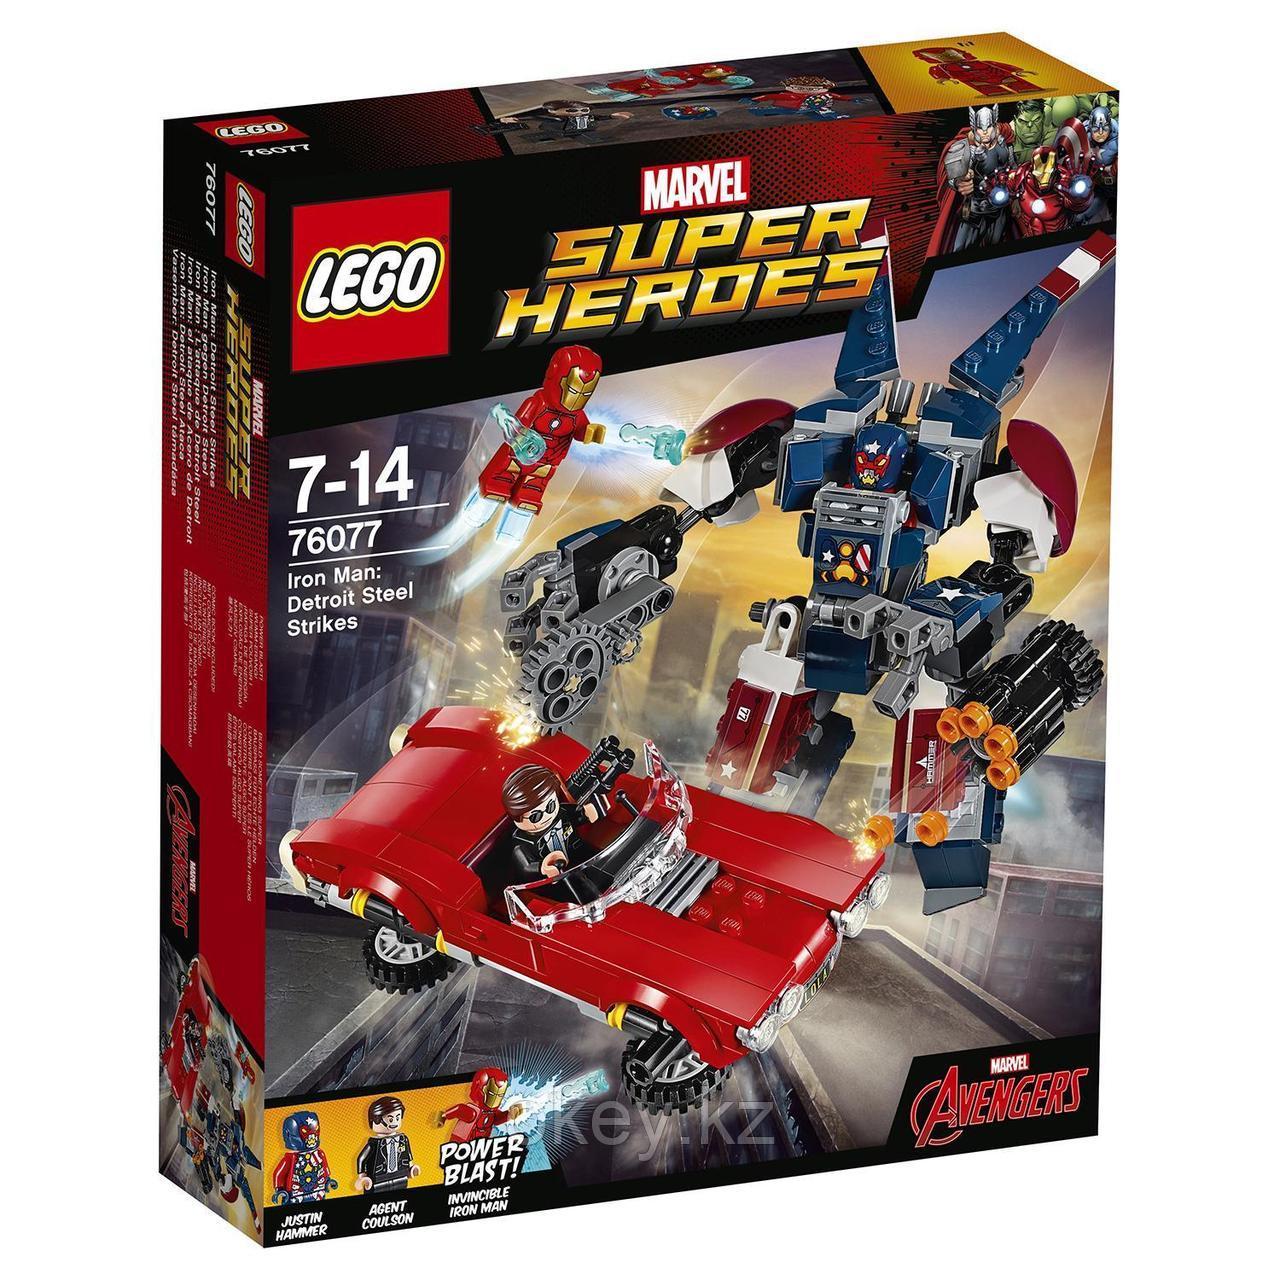 LEGO Super Heroes: Железный человек: Стальной Детройт наносит удар 76077